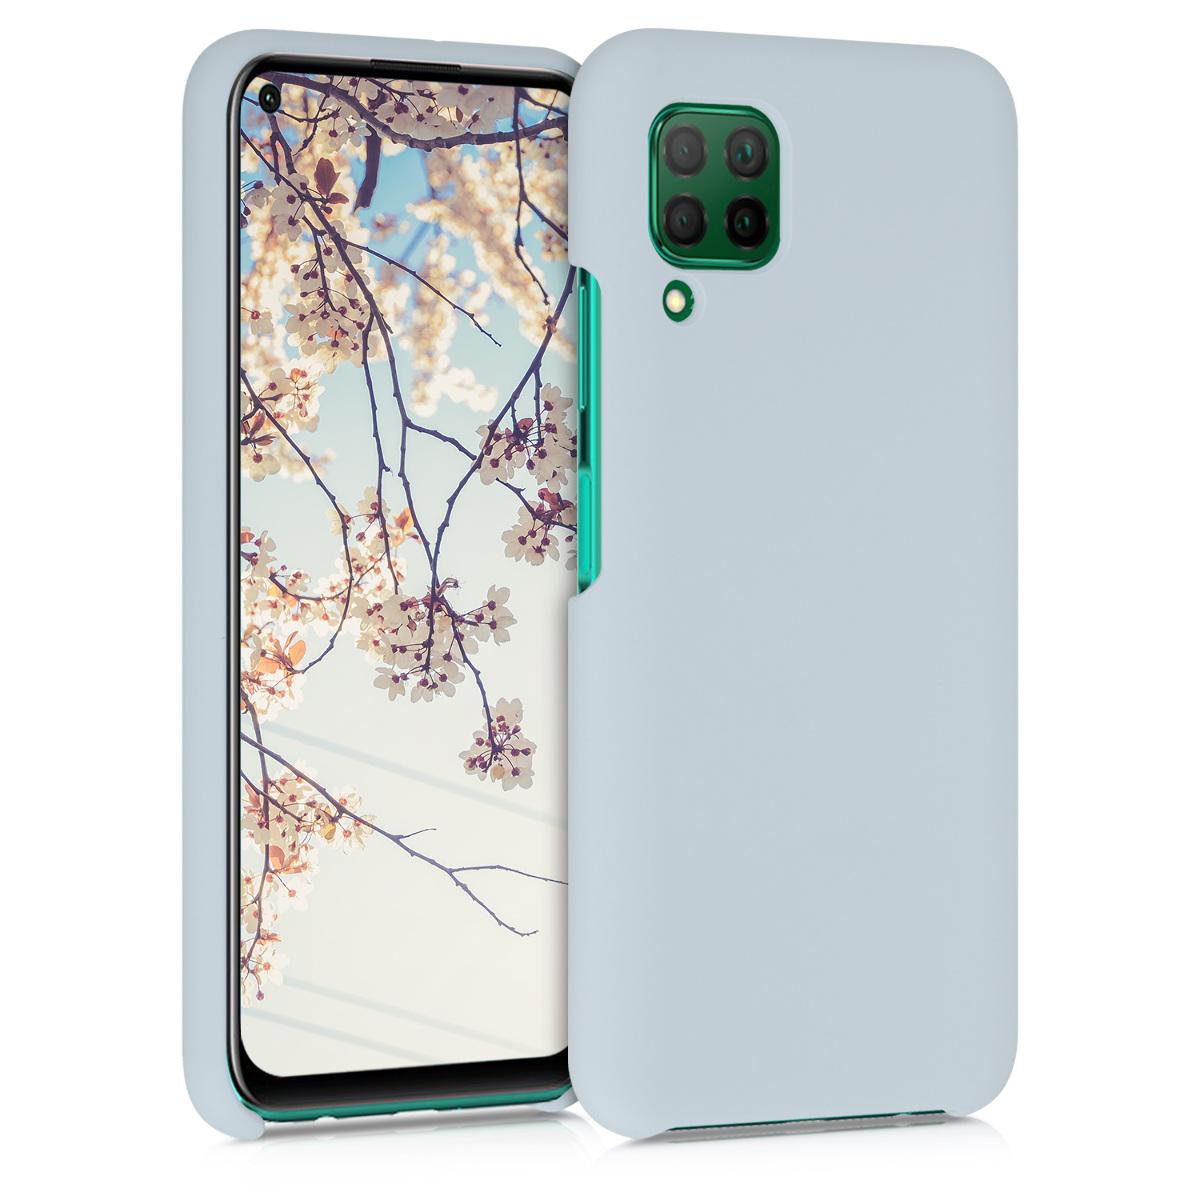 Šedé silikonové pouzdro / obal pro Huawei P40 Lite